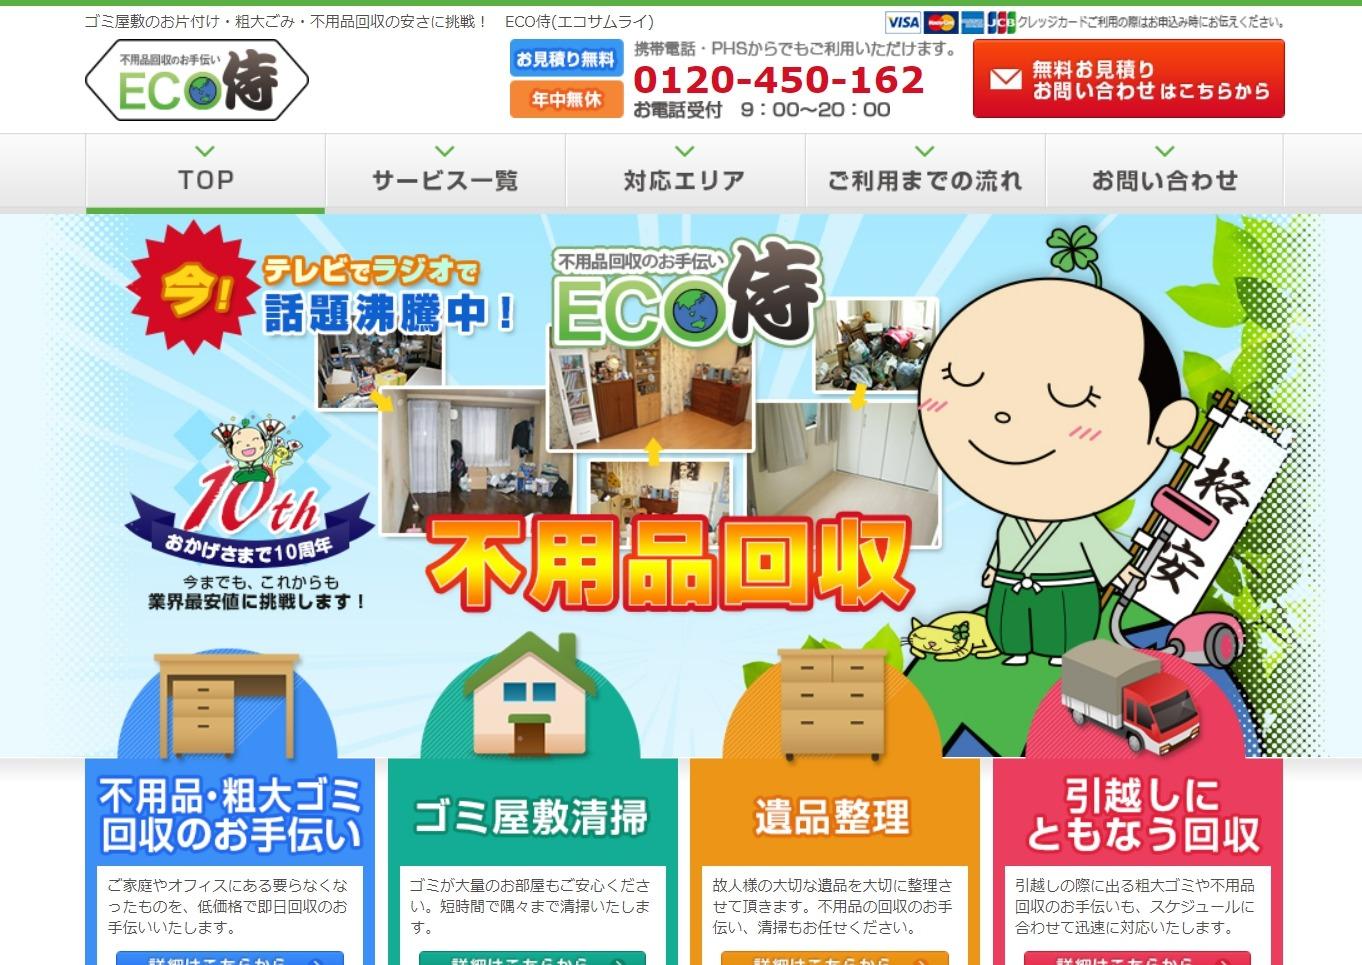 http://www.eco-samurai.com/